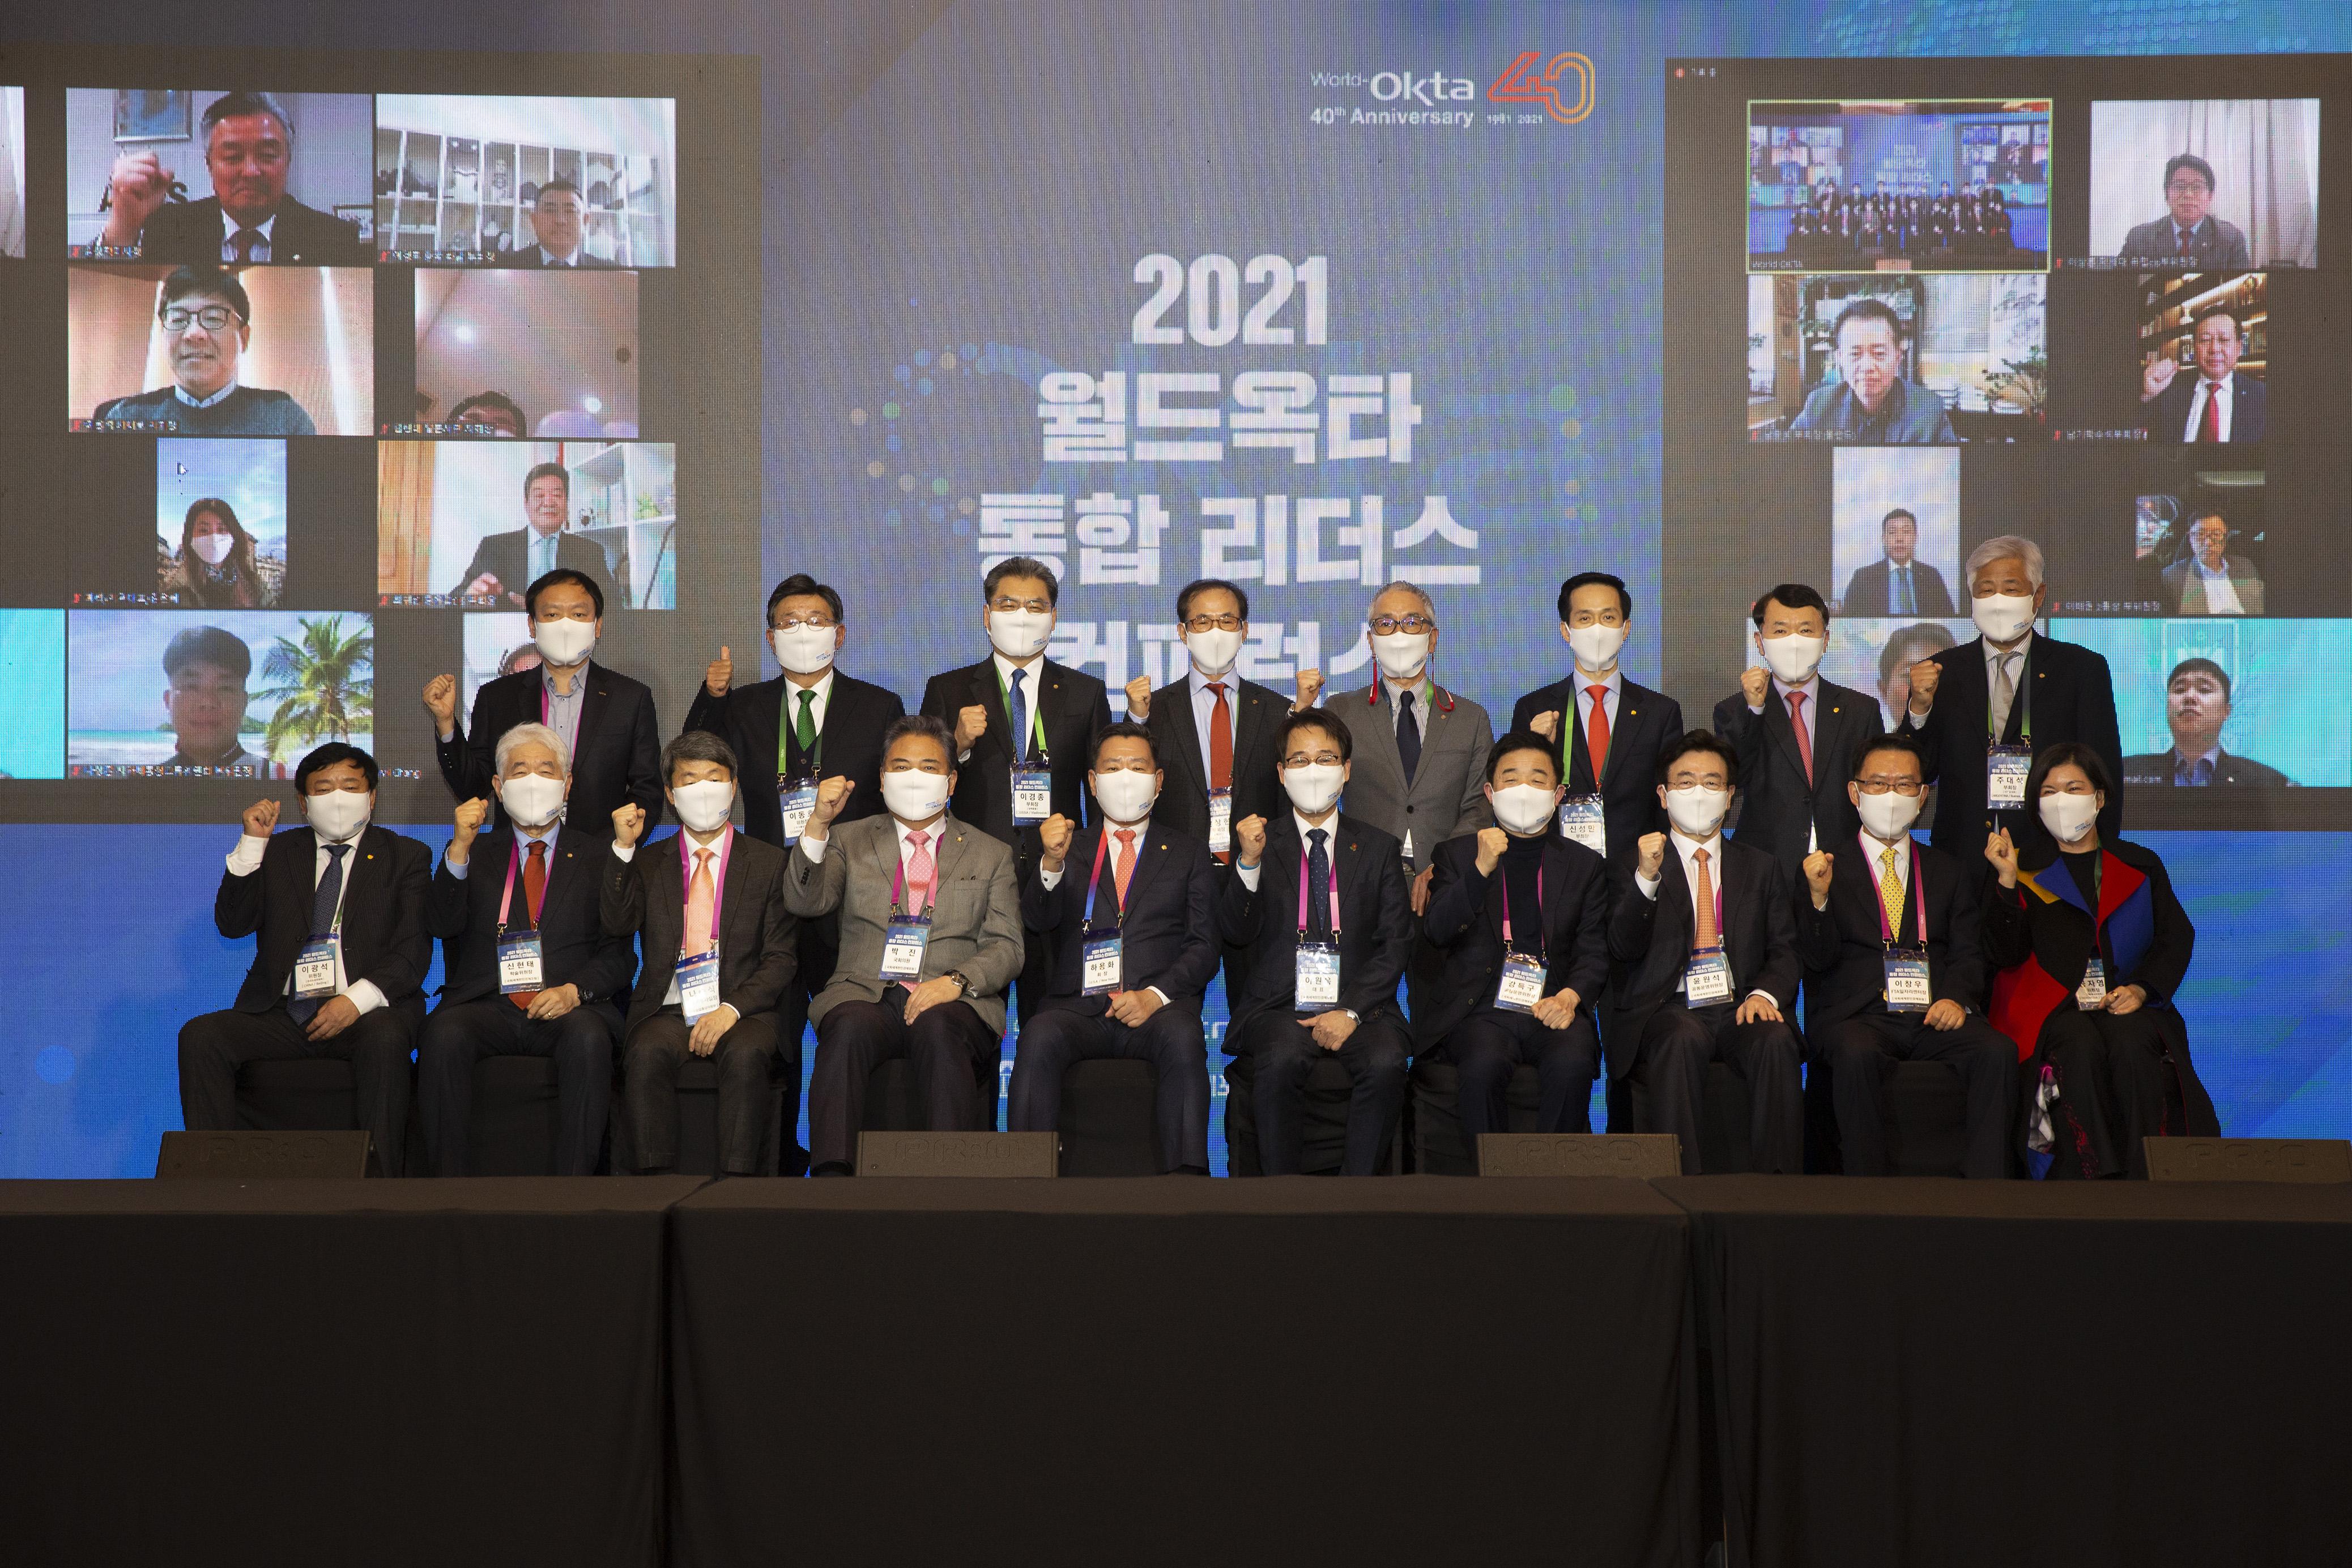 2021 2월 월드옥타 통합 리더스 콘퍼런스(서울)_1.jpg